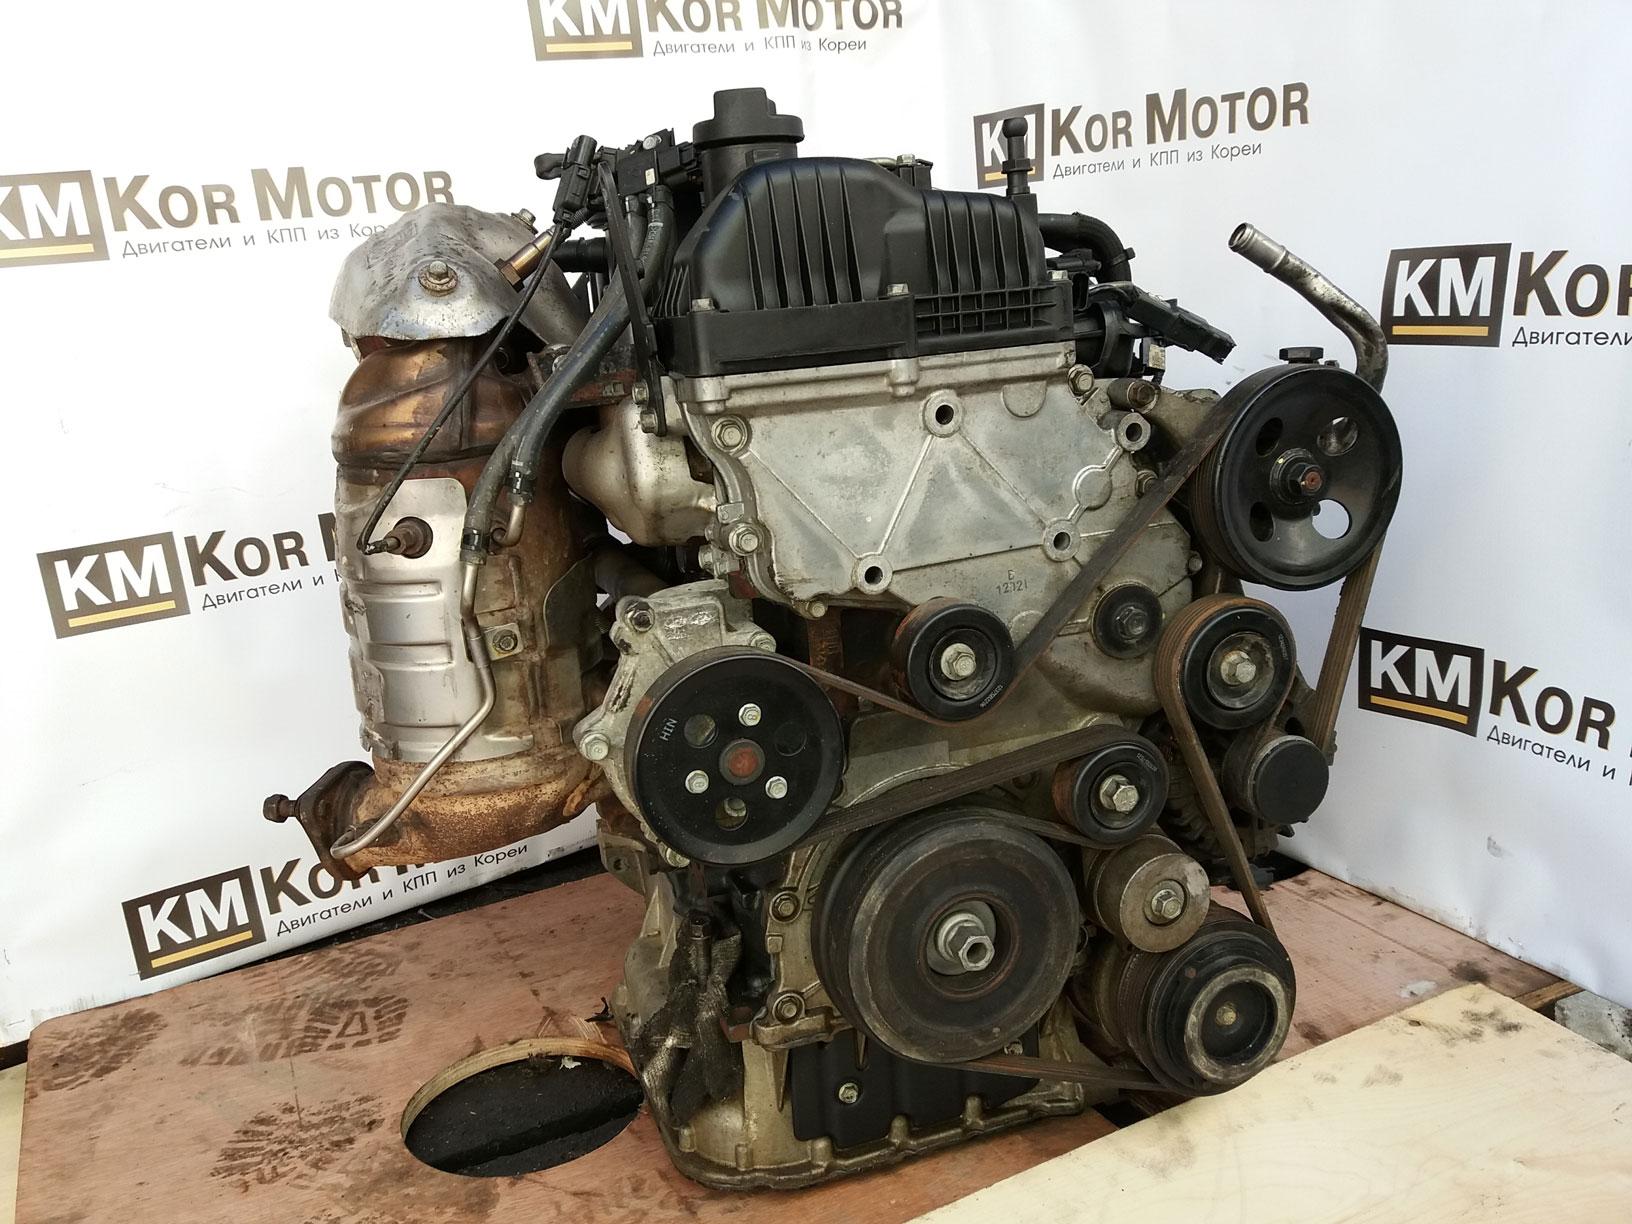 Купить двигатель  для Hyuyndai SantaFE 2.2 D4HB 197 h.p